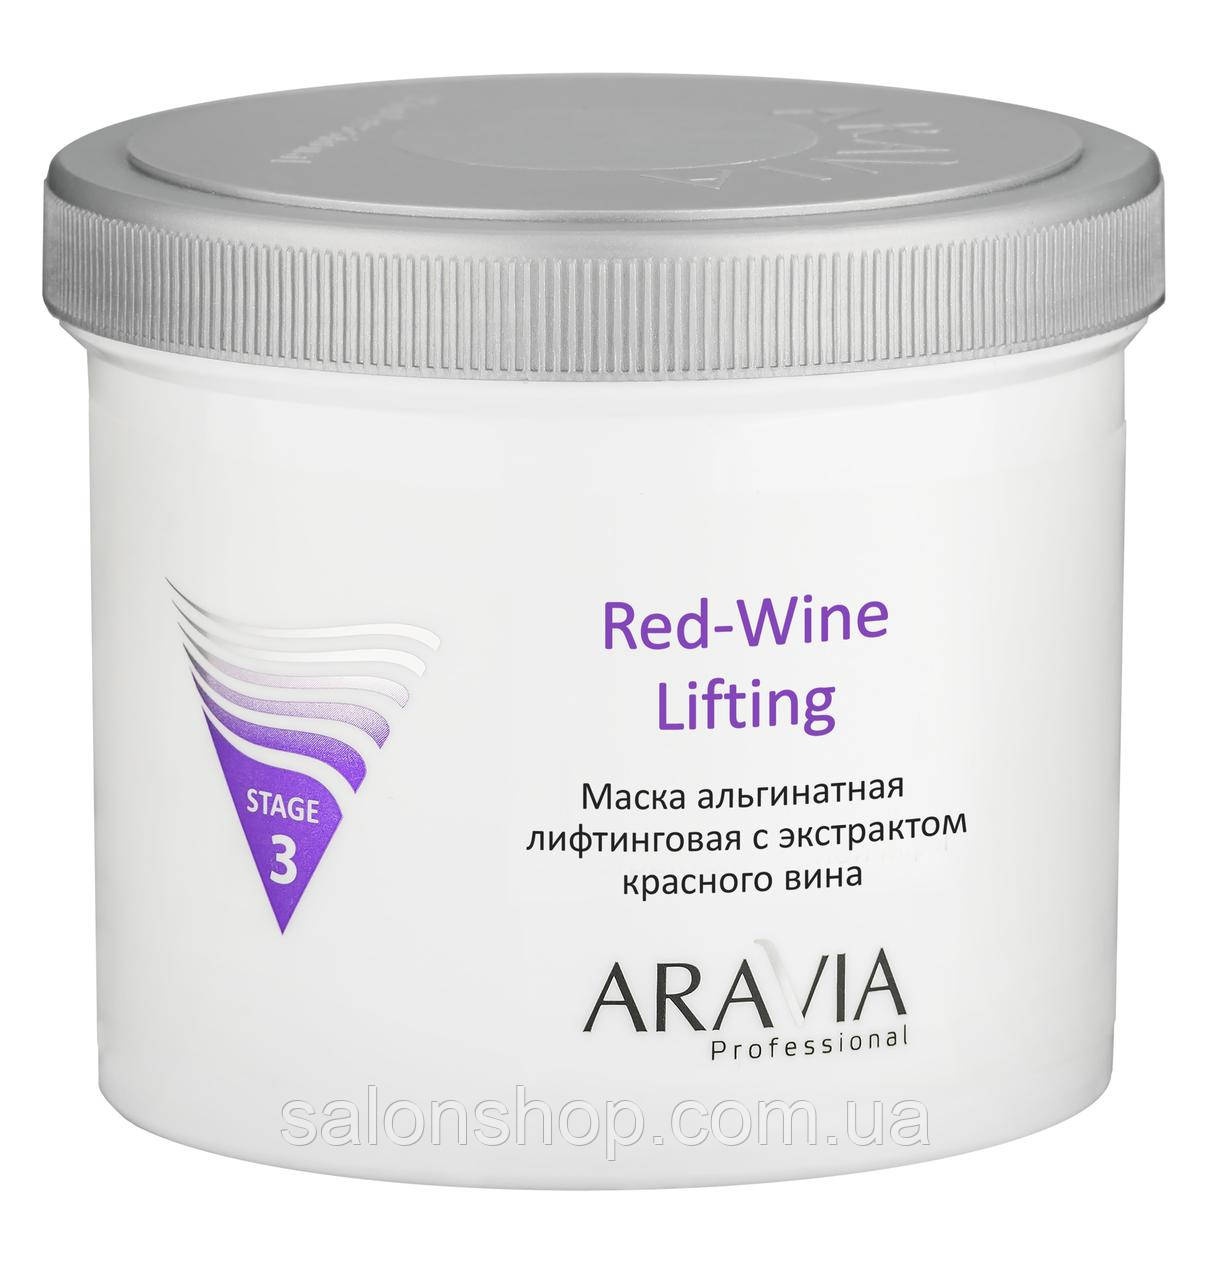 """""""ARAVIA Professional"""" альгінатна Маска ліфтингова з екстрактом червоного вина Red-Wine Lifting, 550 мл"""